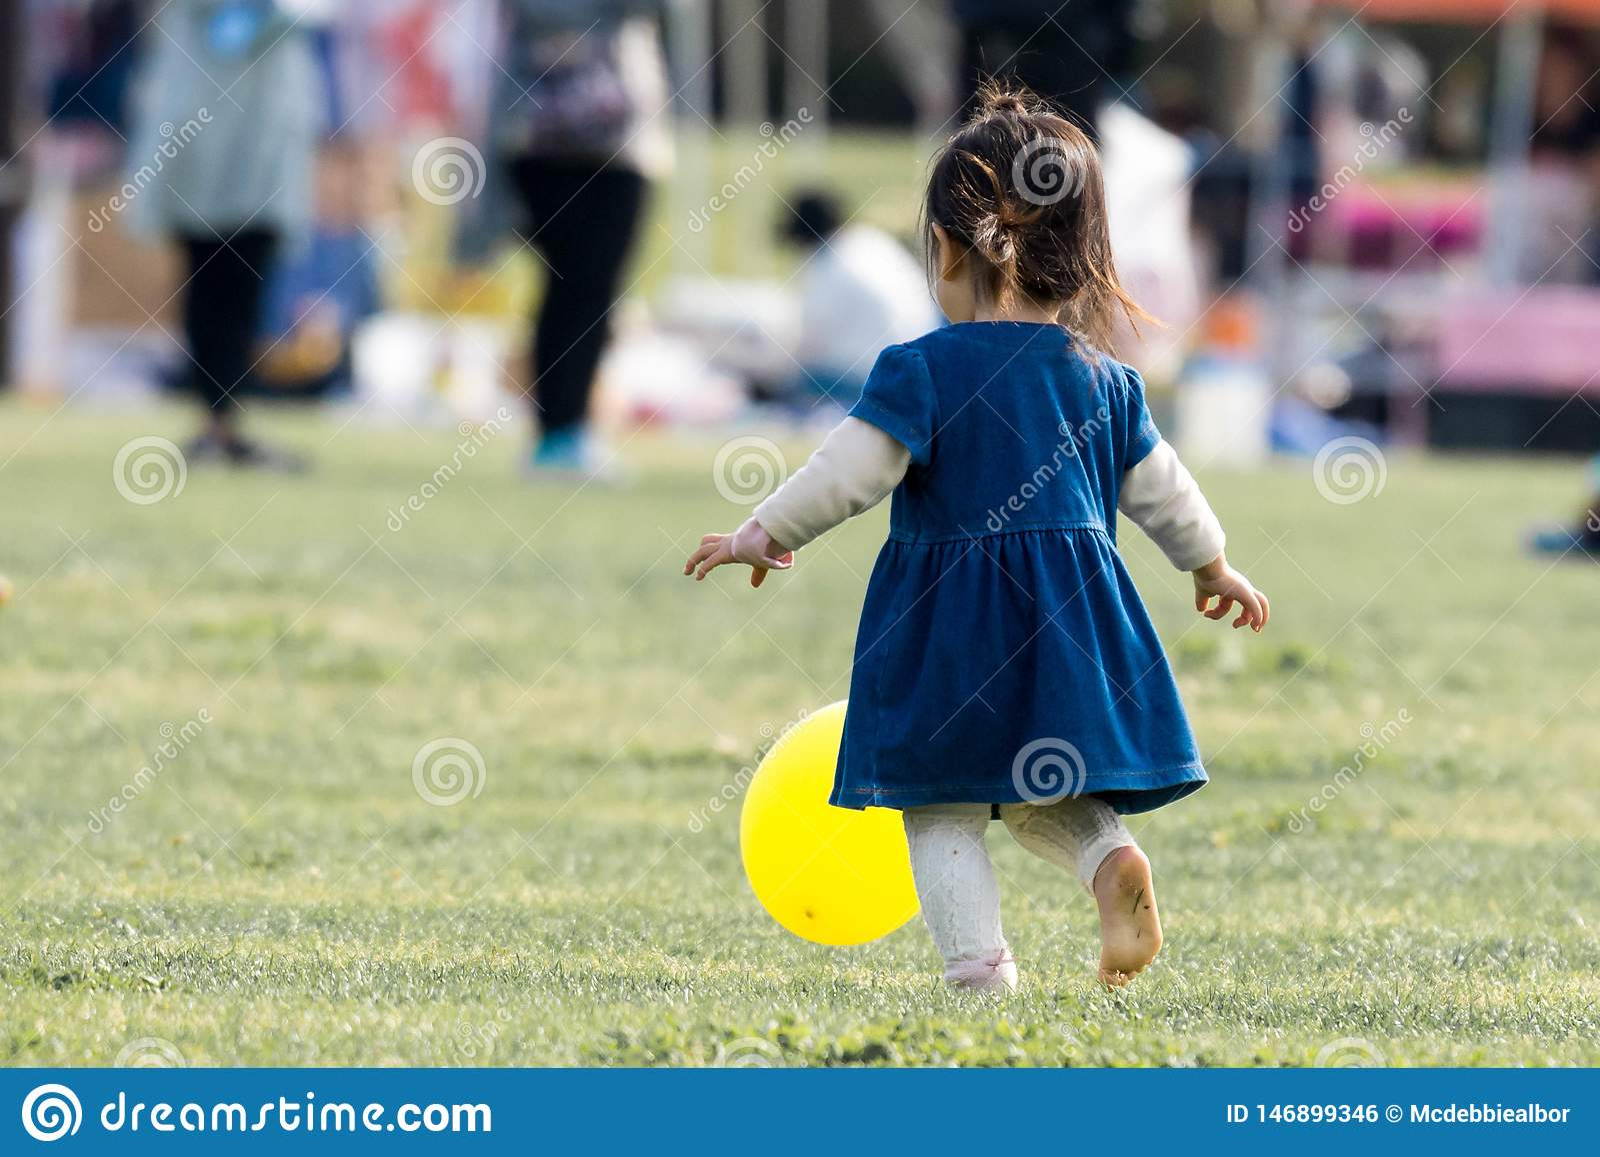 Uma menina nova que persegue um balão amarelo e para jogar com ele no parque